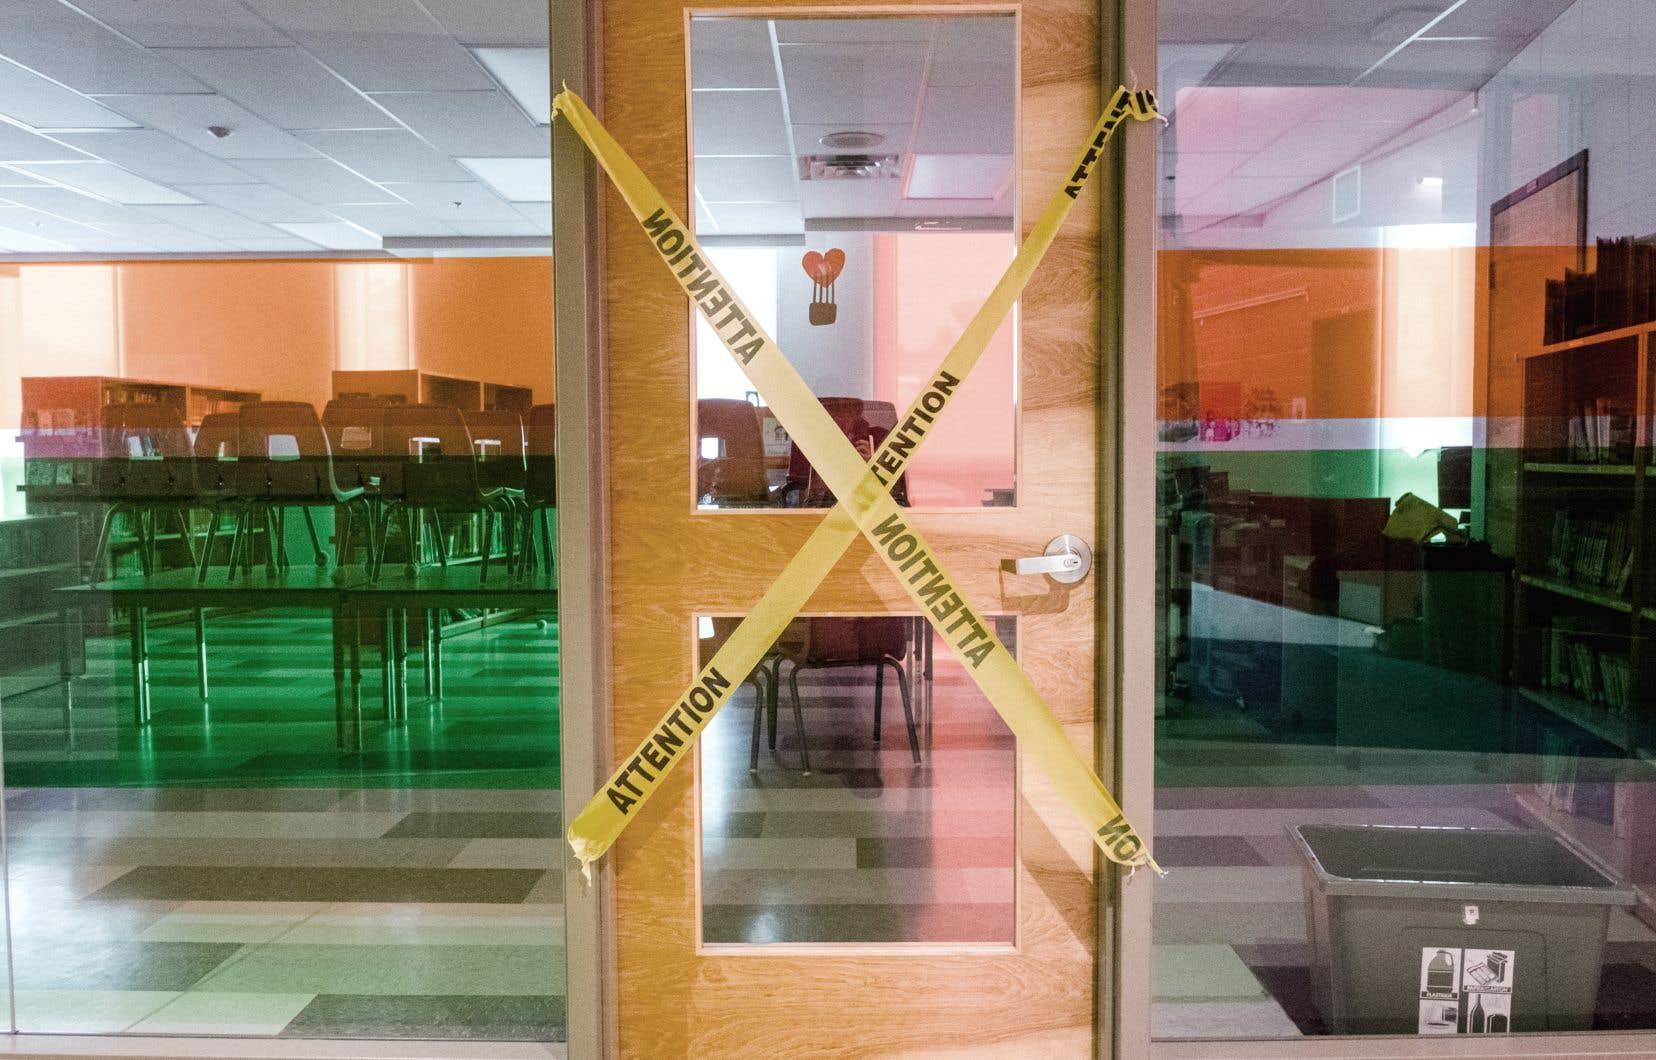 Certains établissements scolaires, comme l'école primaire Saint-Romain, à Longueuil, ont condamné l'accès à leur bibliothèque en raison de la pandémie.